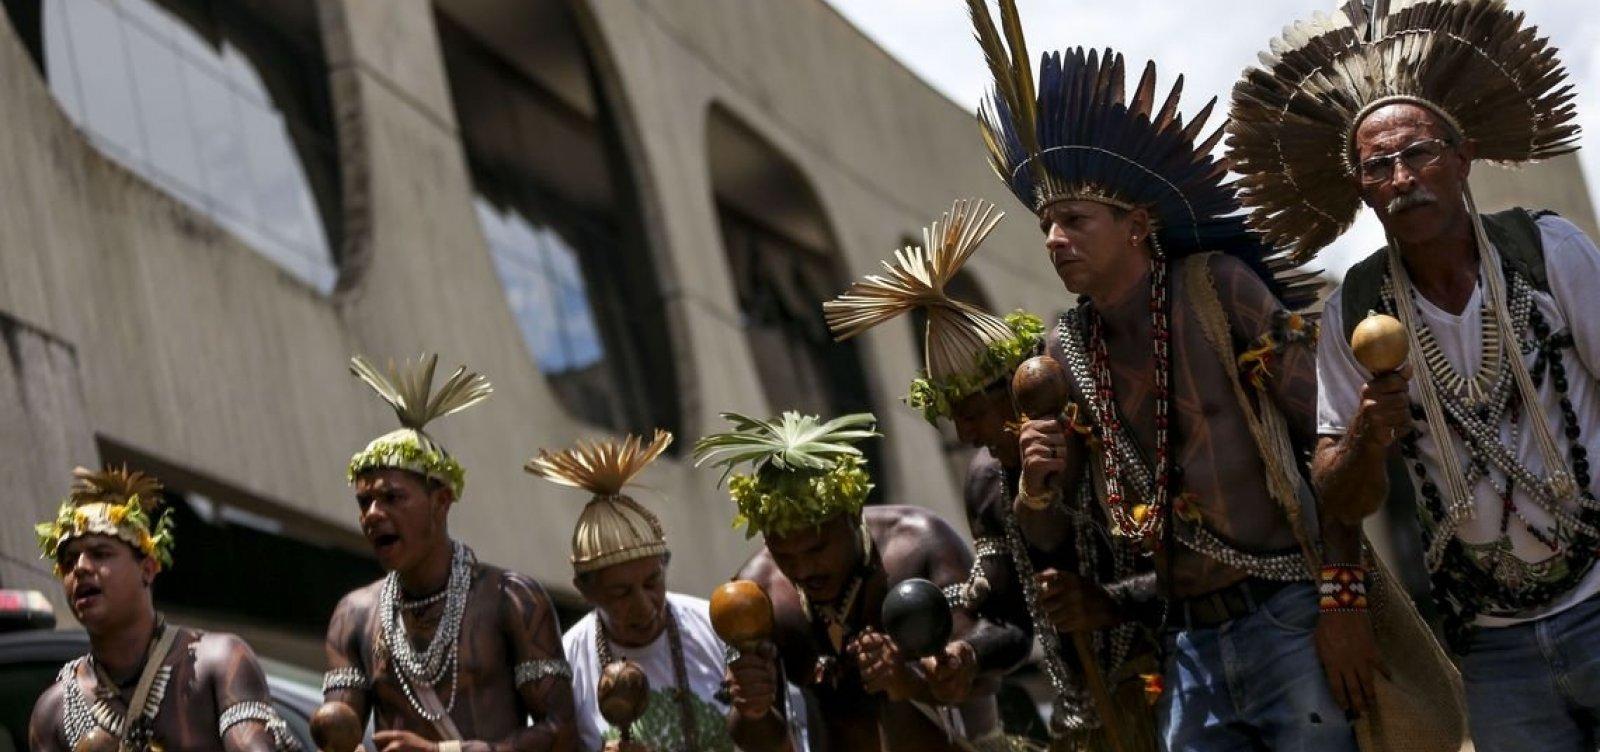 Manifestação indígena em Brasília deve acontecer sob tensão